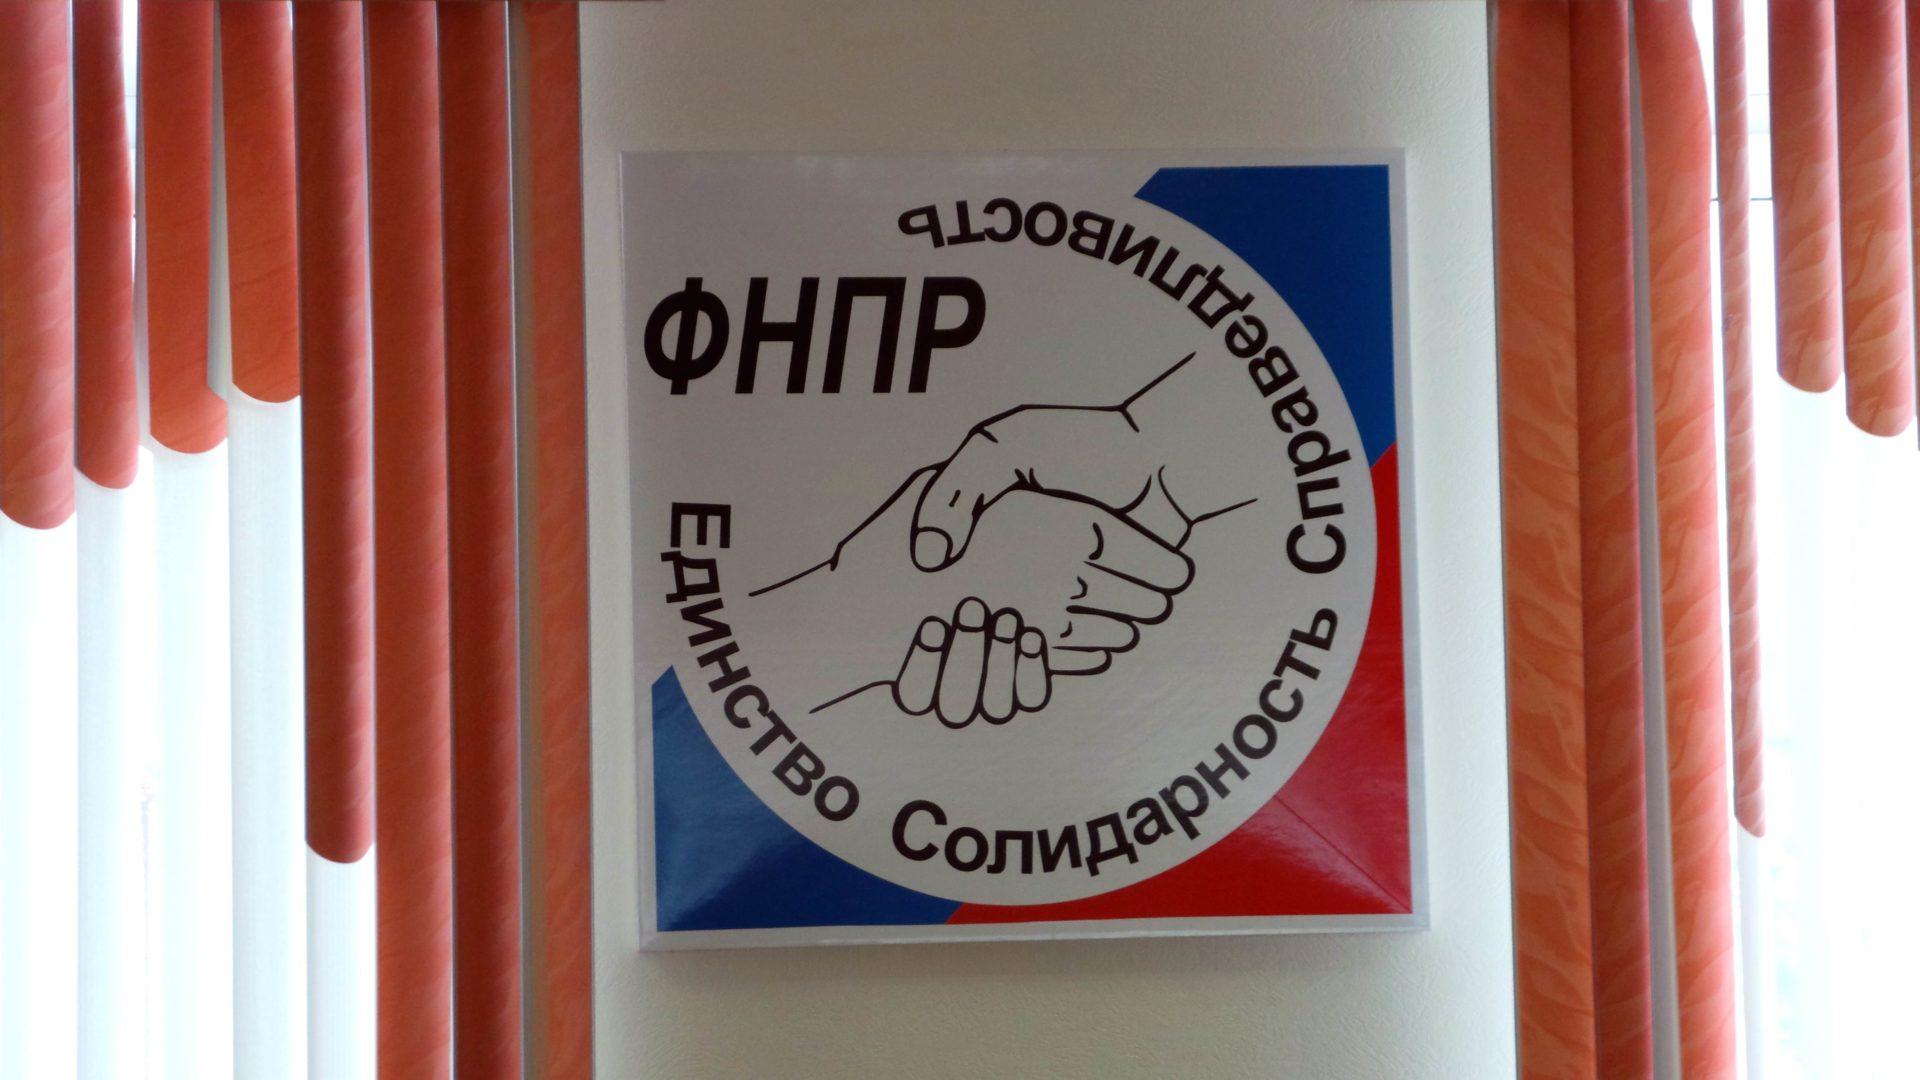 Профсоюзы обратились к гражданам России с призывом привиться от COVID-19